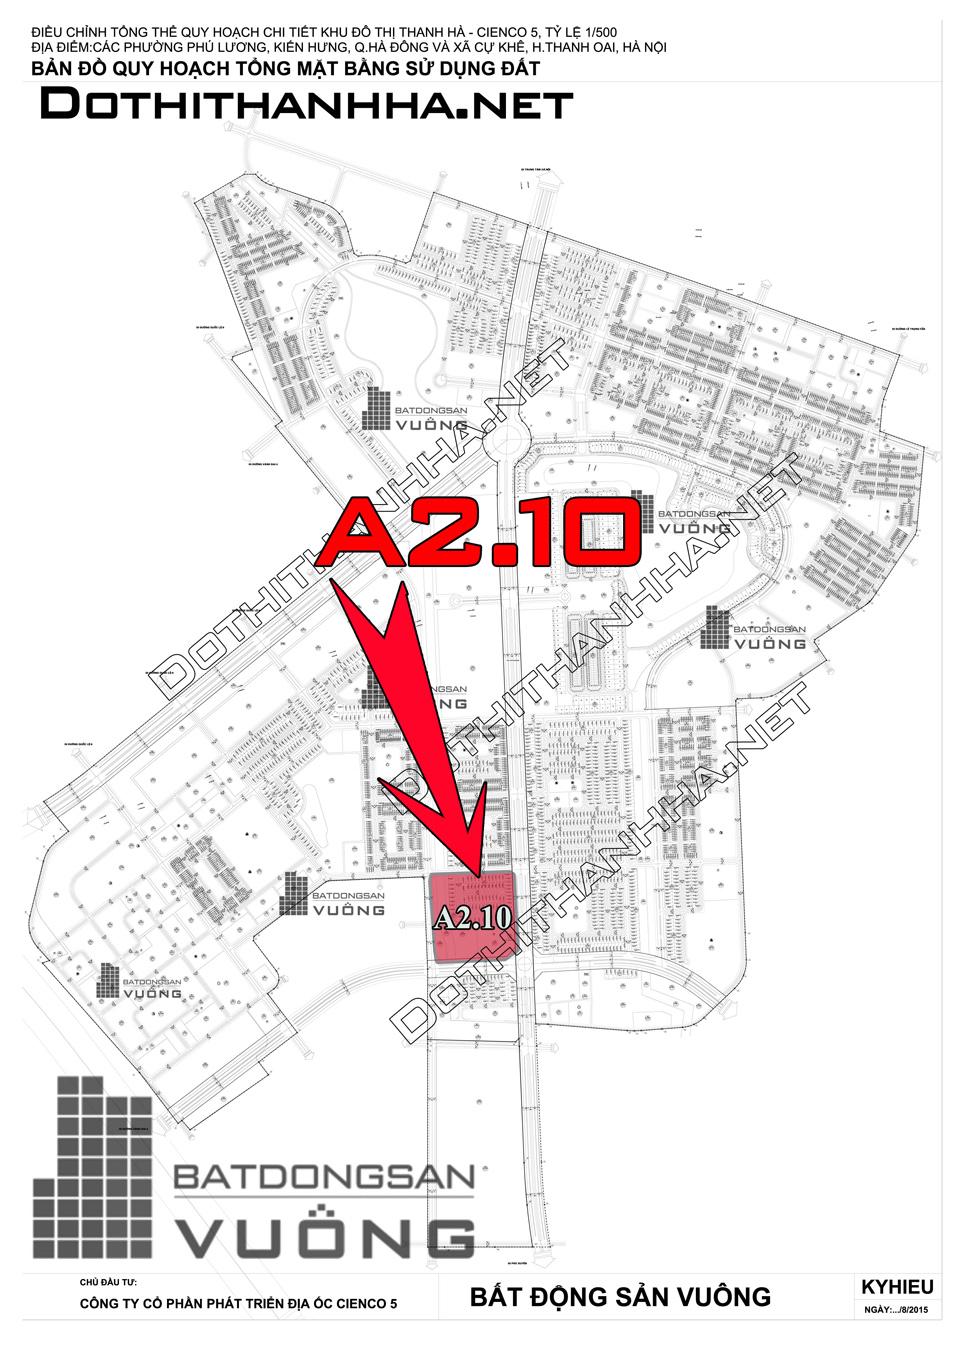 Bán Liền kề phân khu A2.10 lô BT01, mặt đường 50m, hướng nhà Đông, Khu Đô Thị Thanh Hà Cienco 5 - Mường Thanh [#H1291.1103]